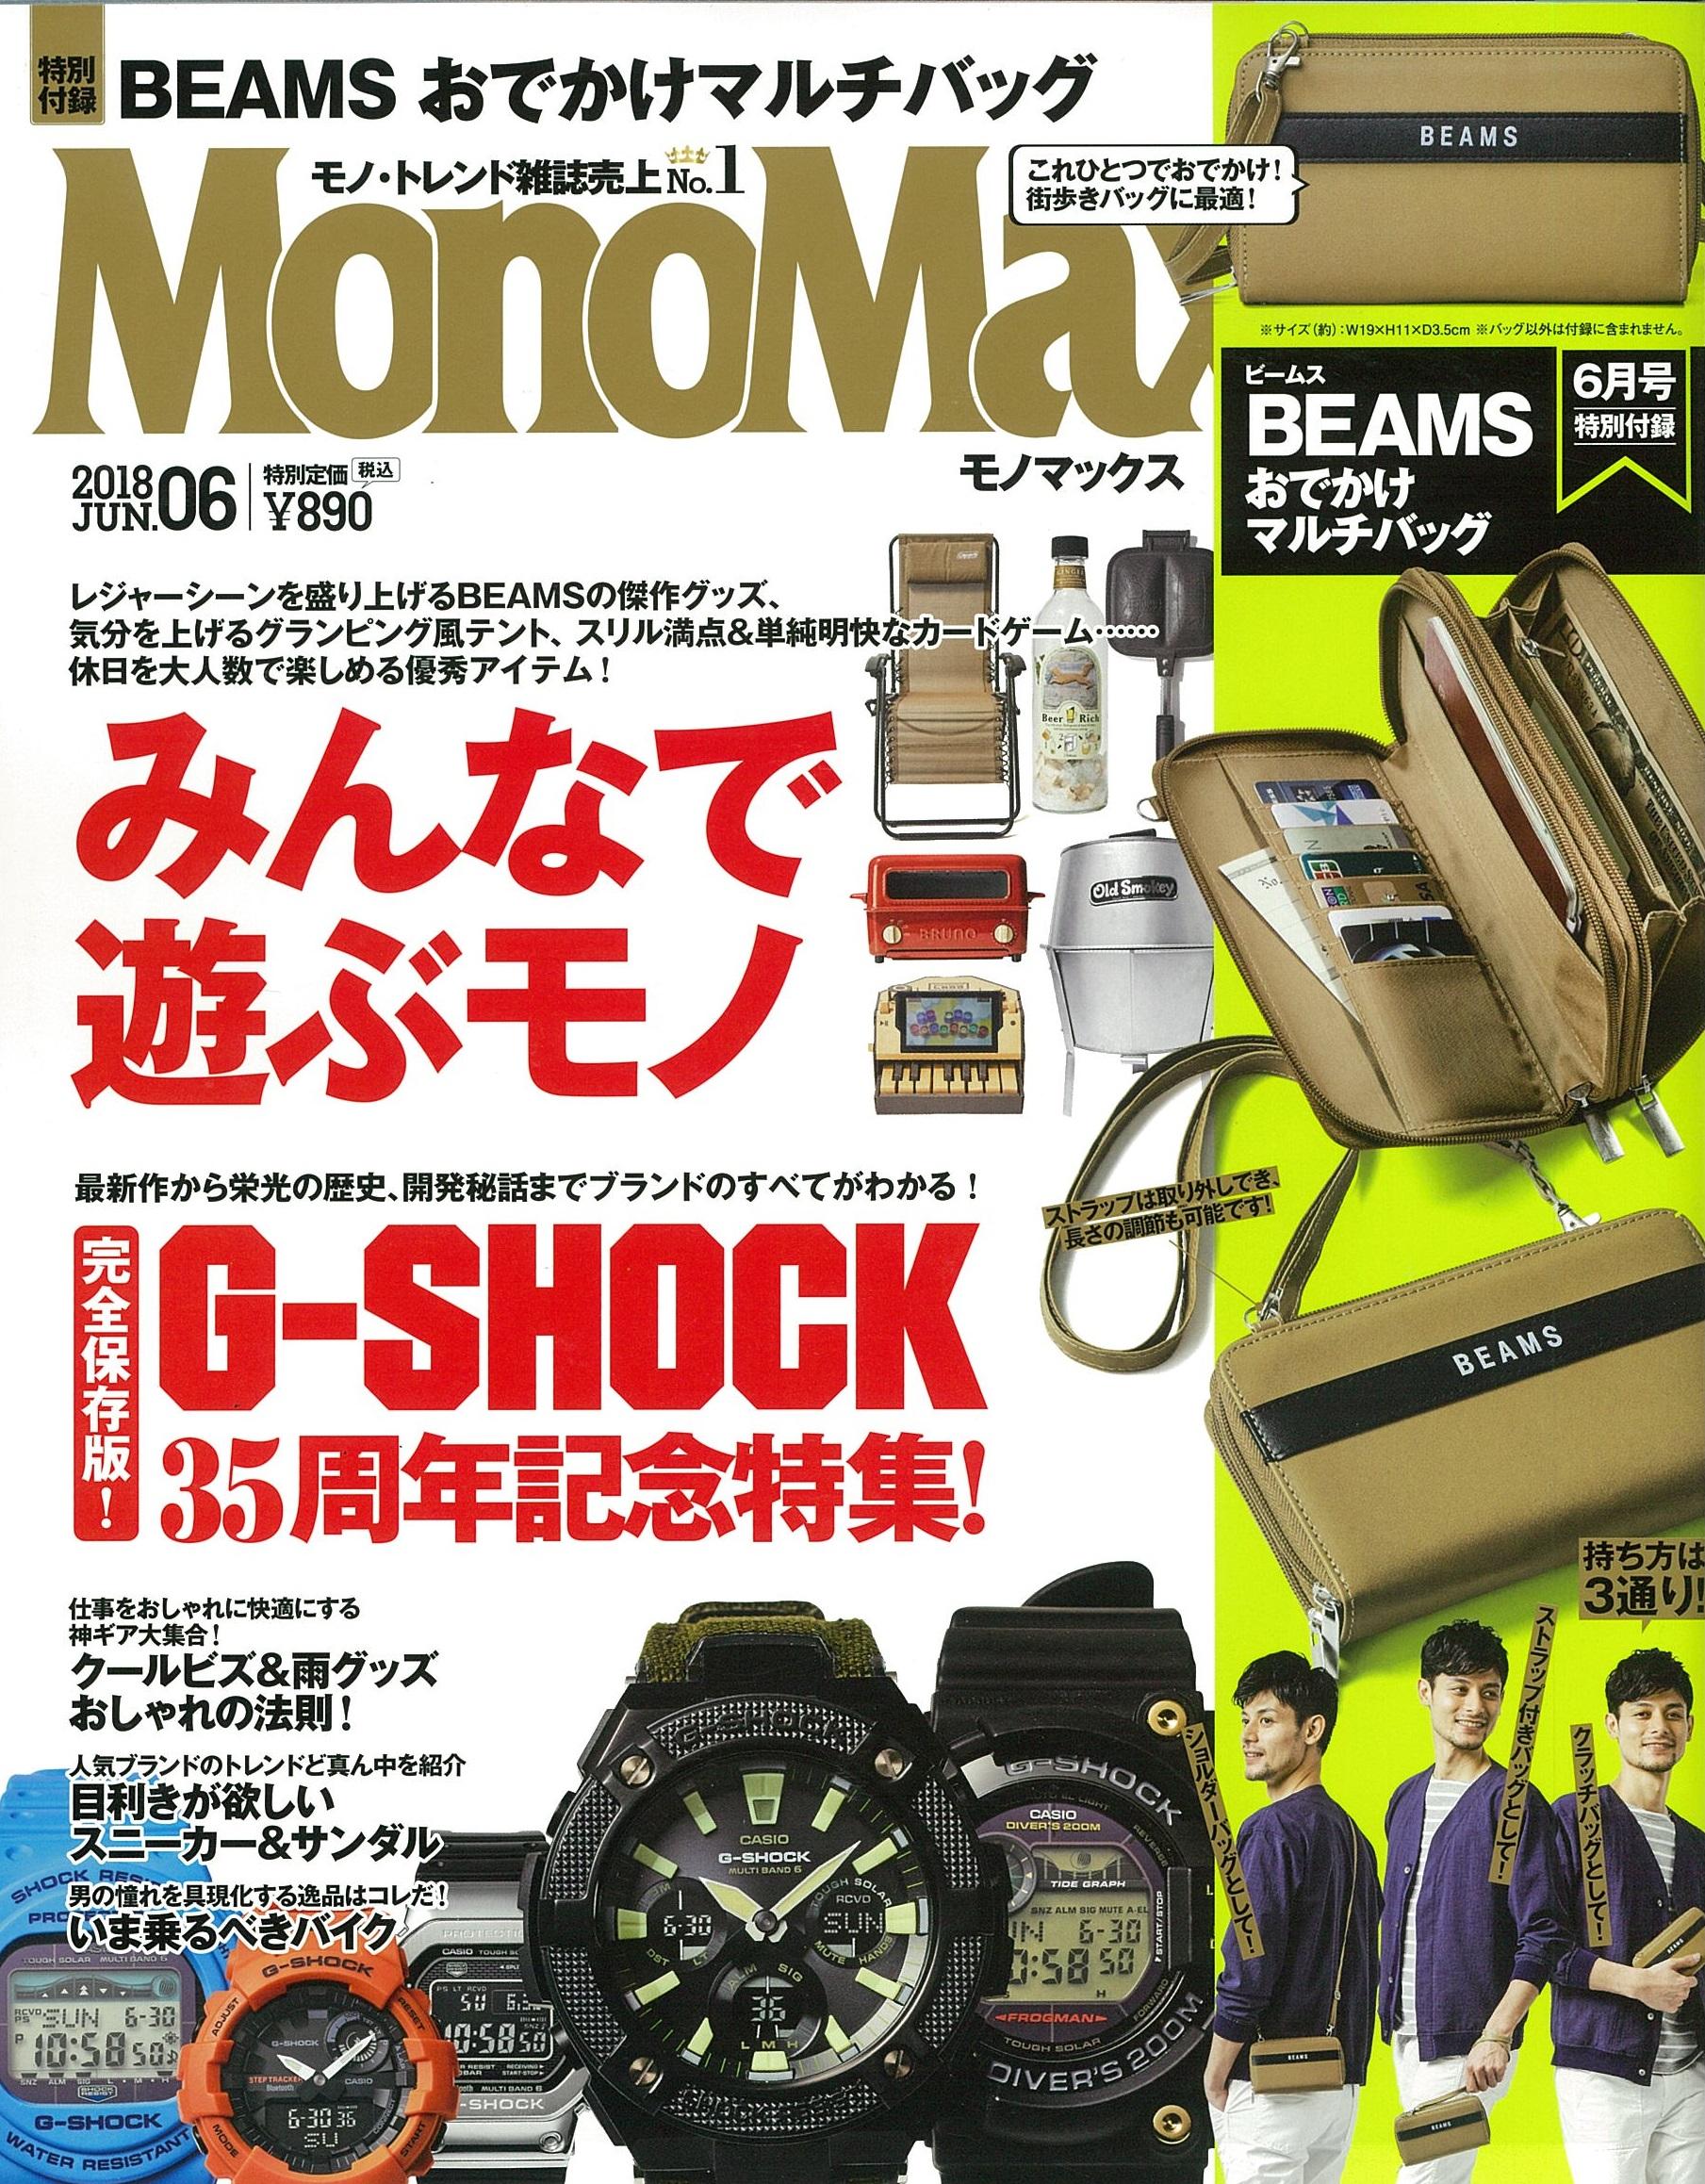 MonoMax 6月号 掲載